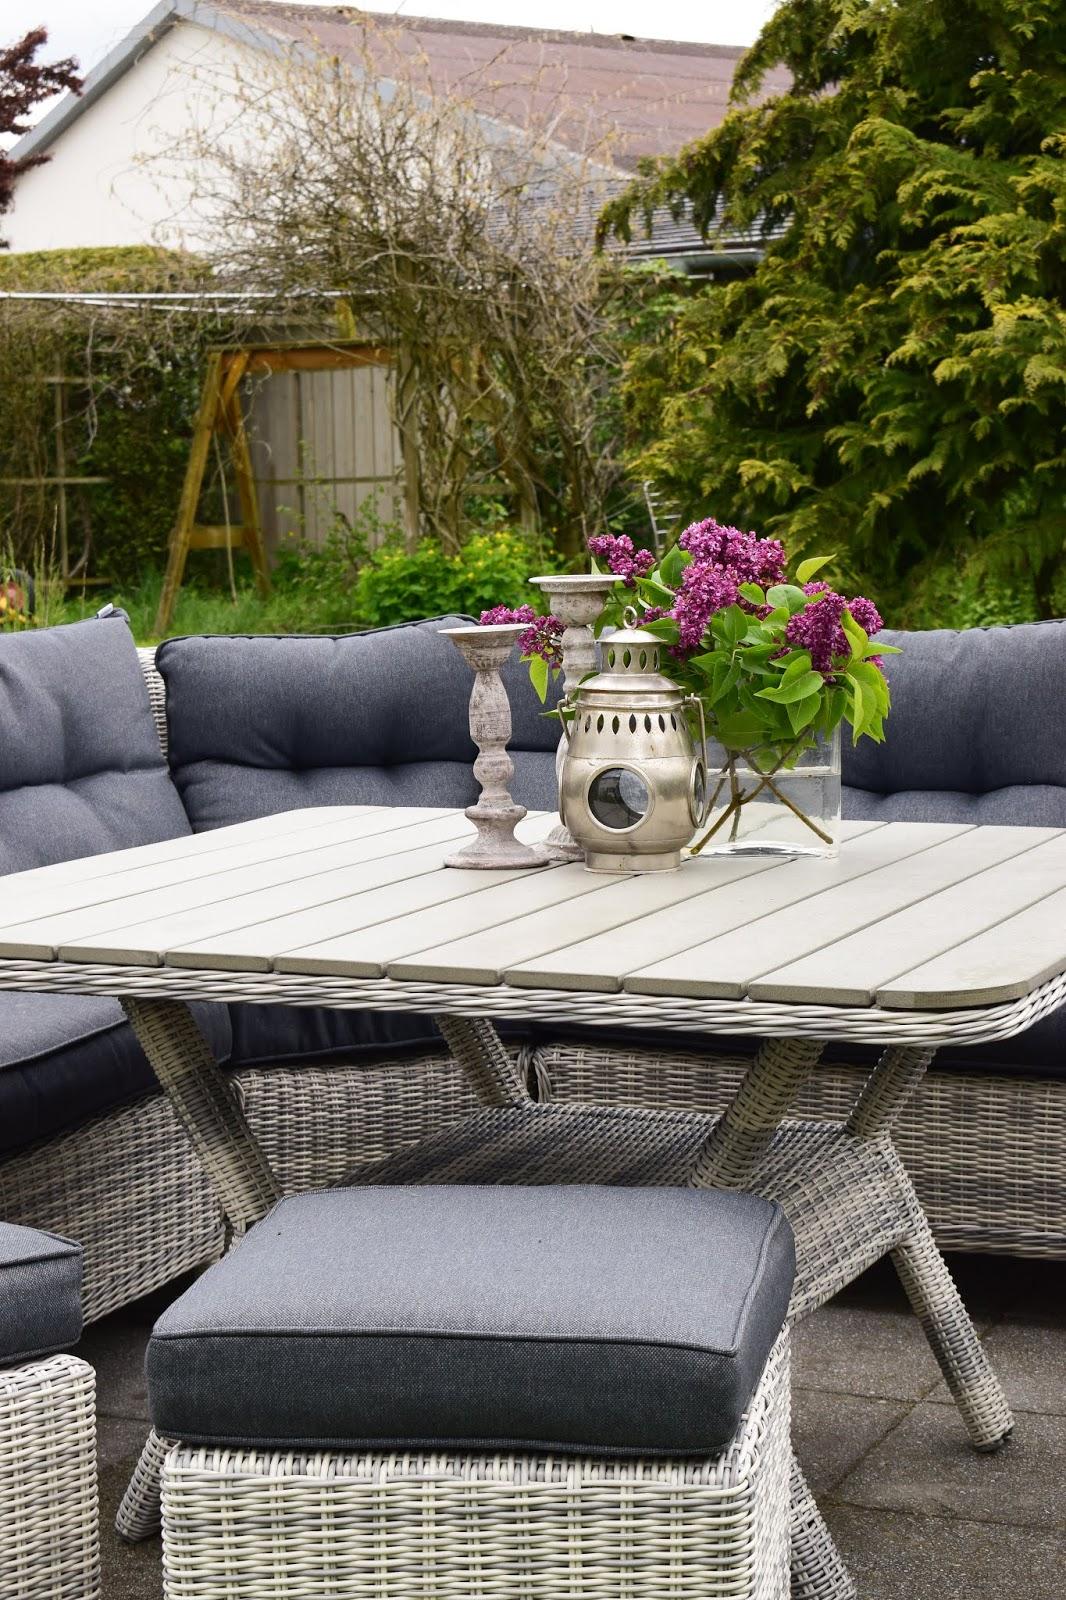 Gartendeko Sitzgarnitur für den Garten. Gemütlich praktisch und schön aus Polyrattan und mit ganz viel Platz